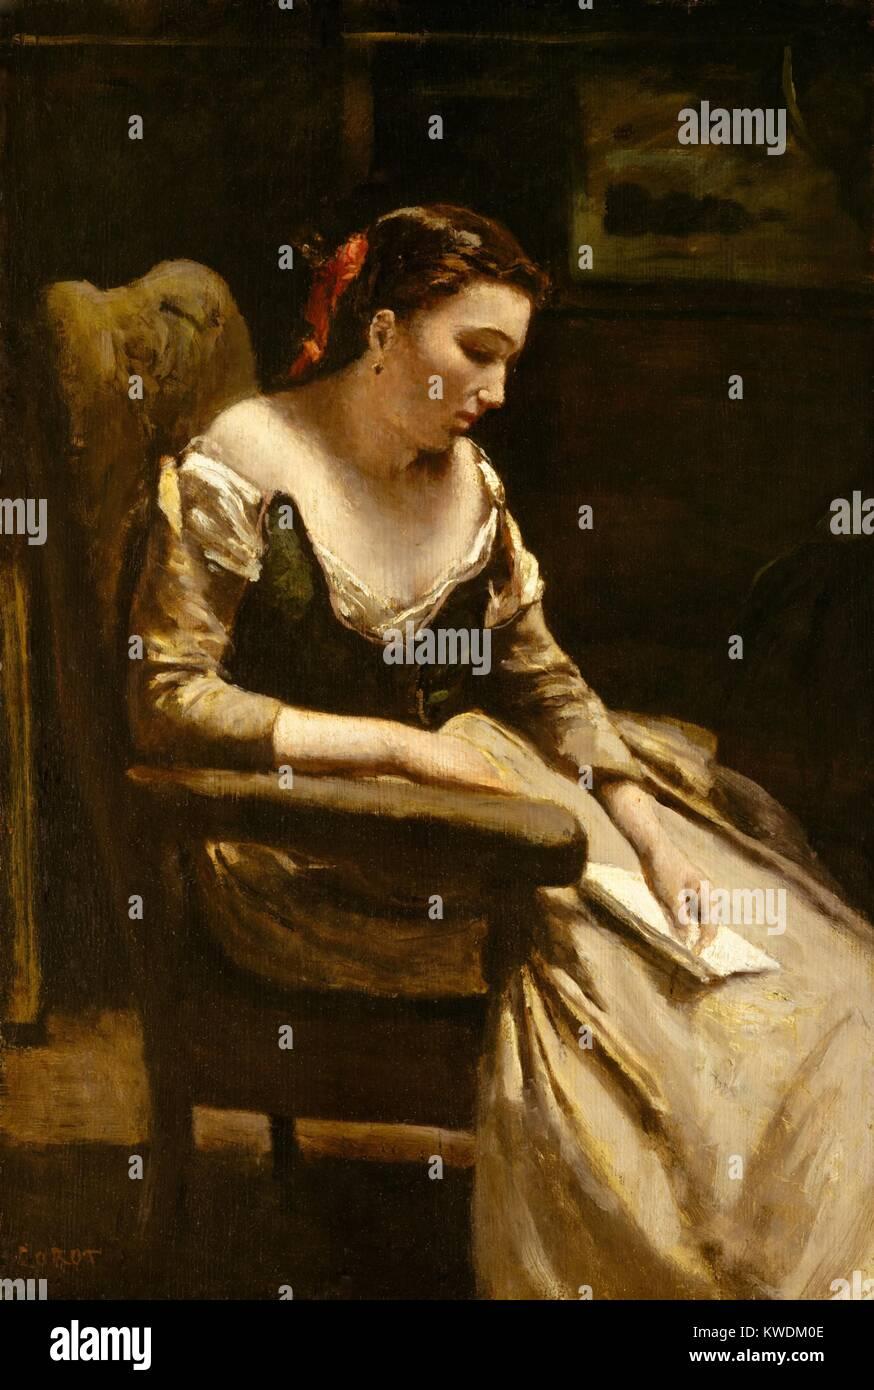 Der Brief, der von Camille Corot, 1865, Französische Malerei, Öl auf Holz. Corot malte diese Abbildung Stockbild